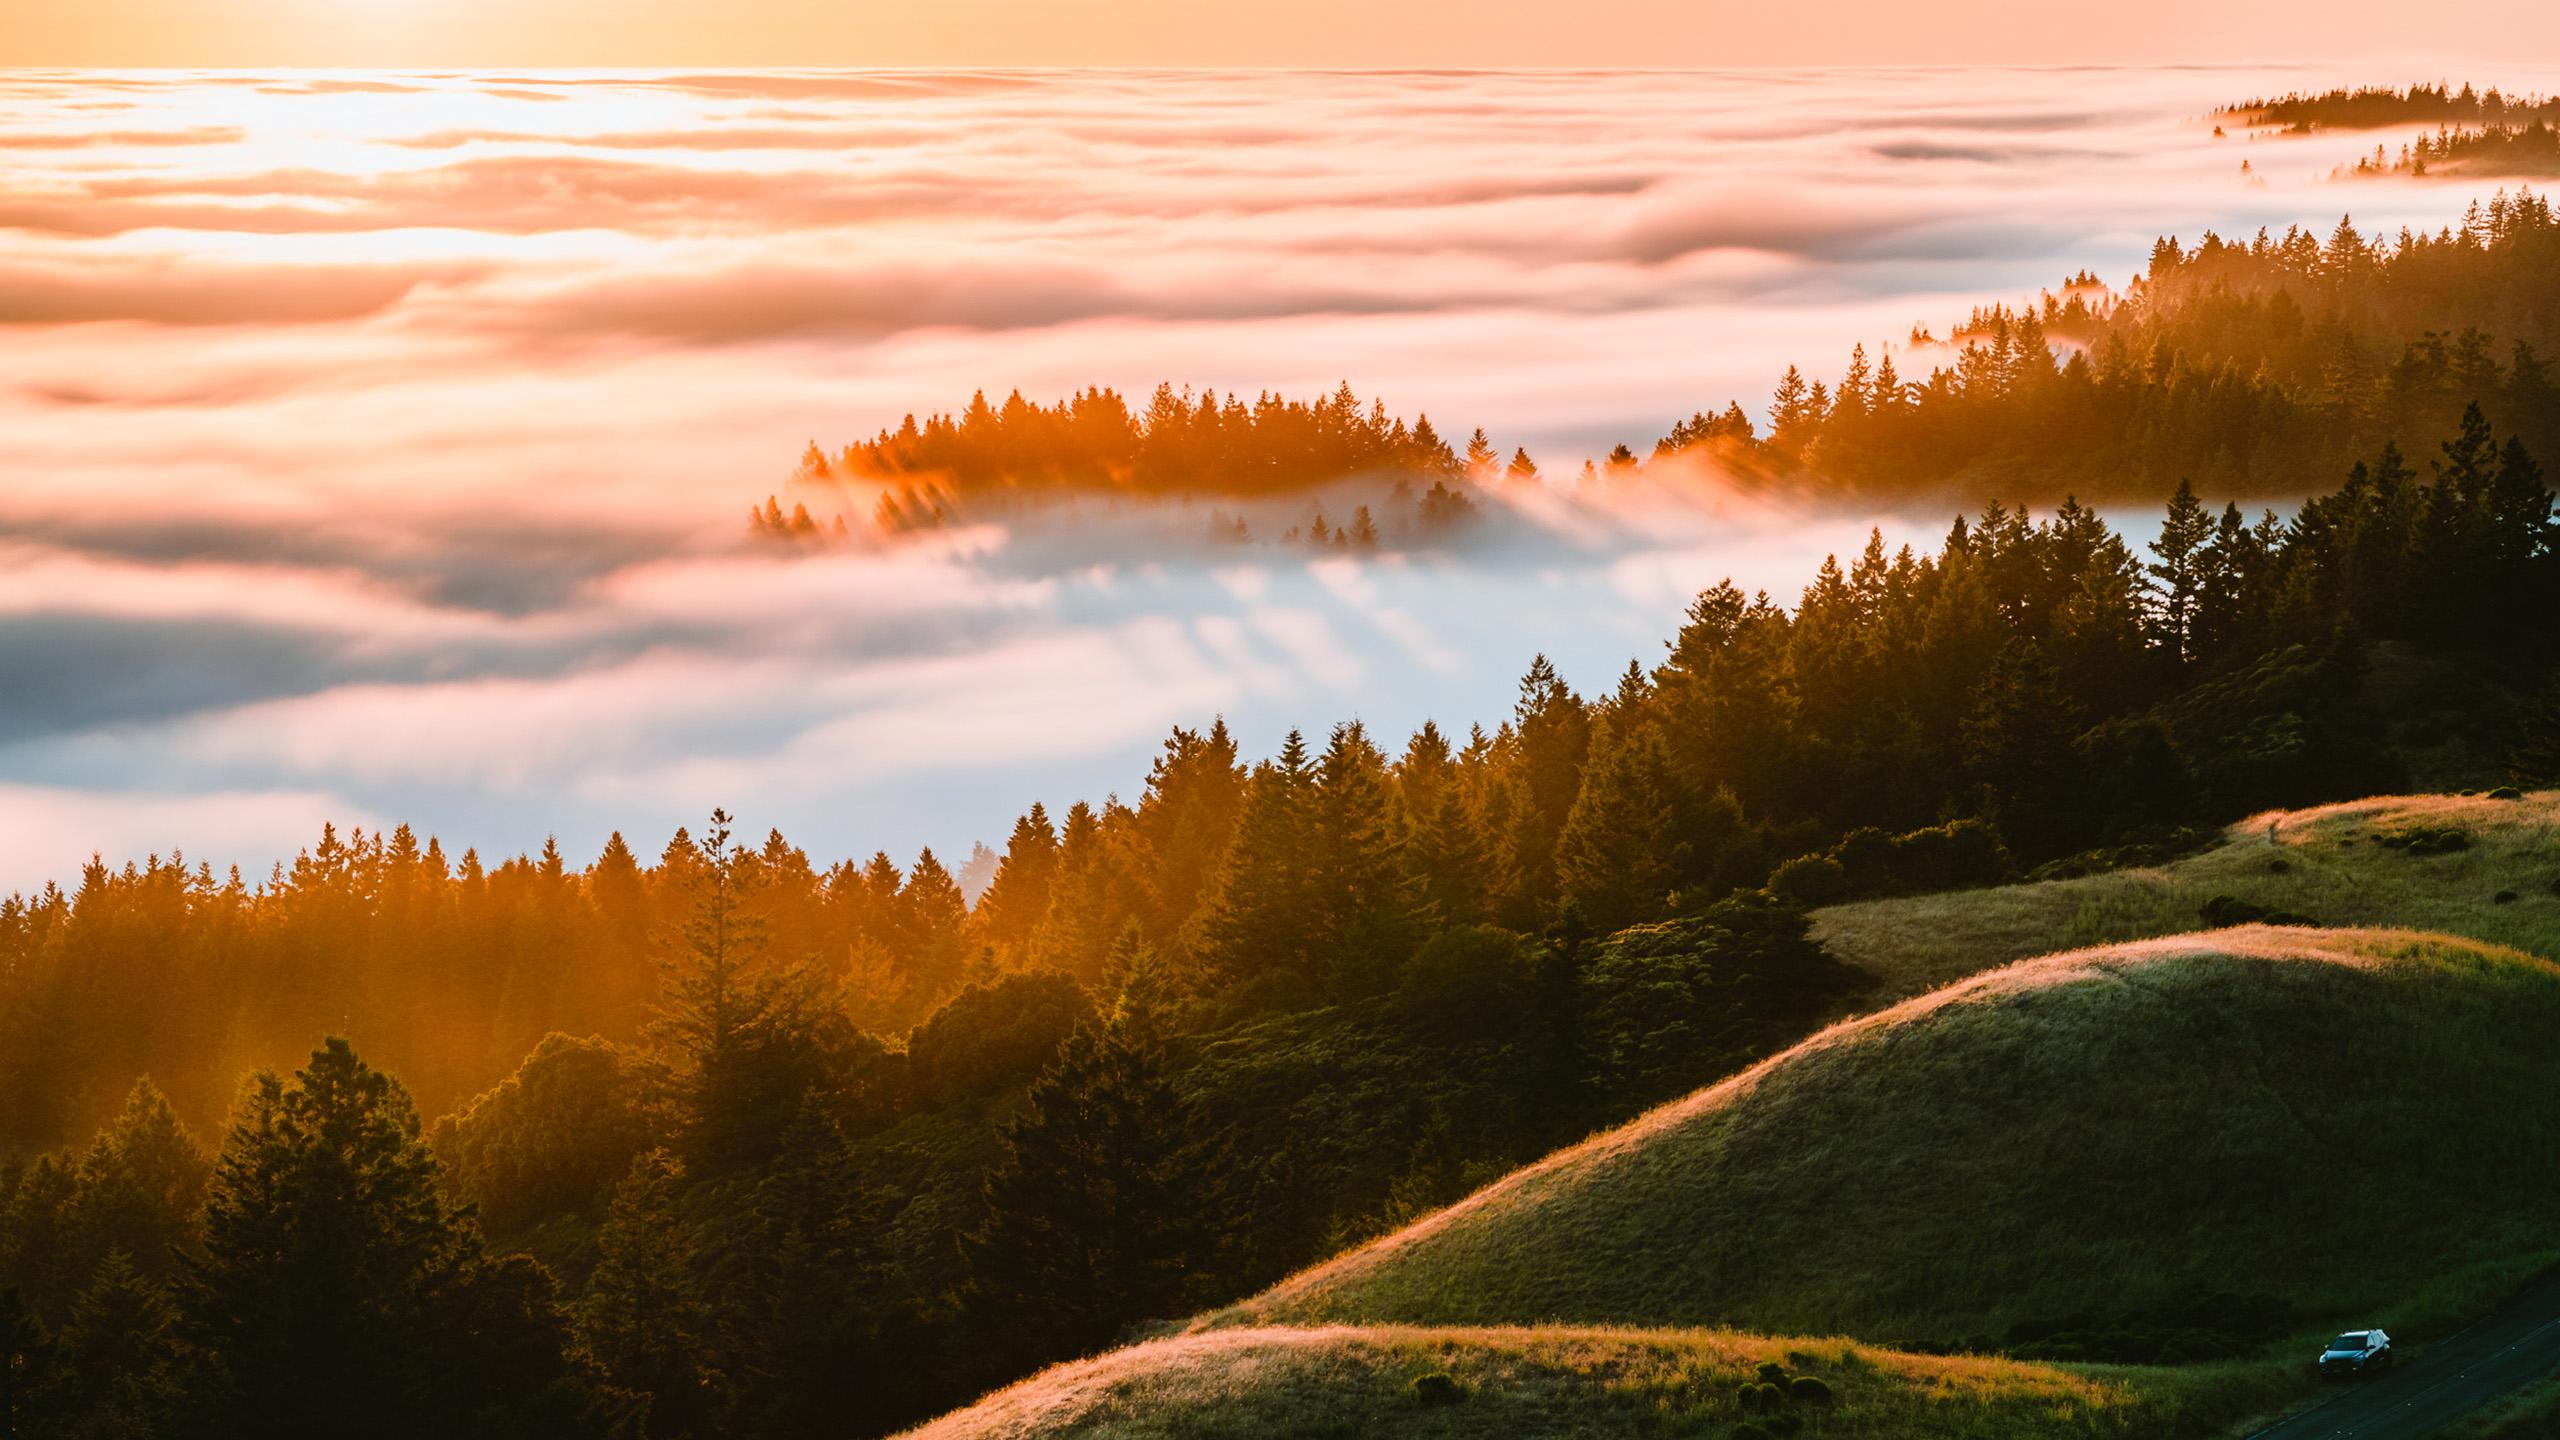 风景大片,秋意正浓,树林,云海,日出,山坡